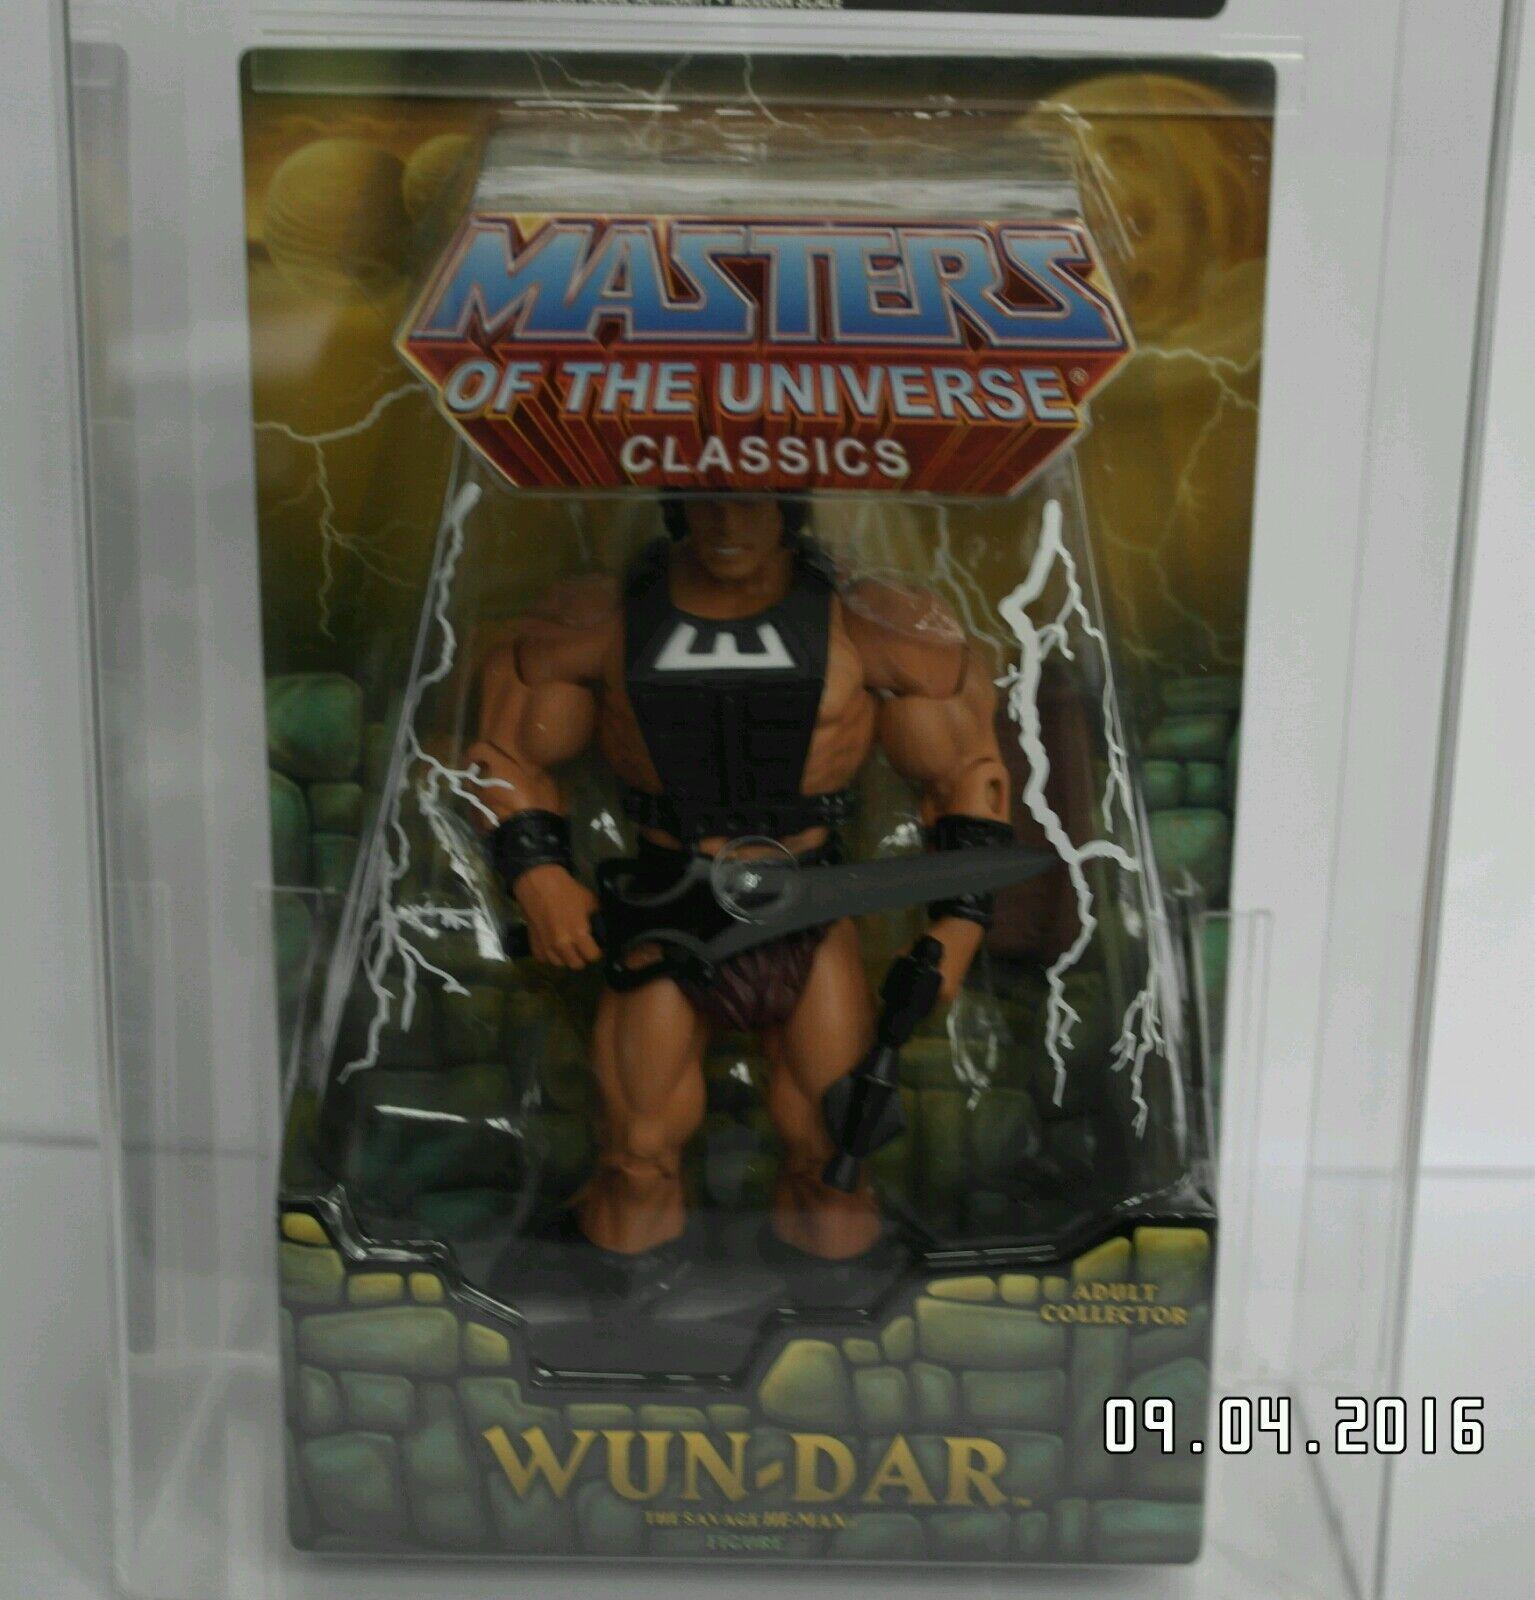 He Man Amos del Universo Classics Wun-dar figura Amos Del Universo Wundar graduada AFA90